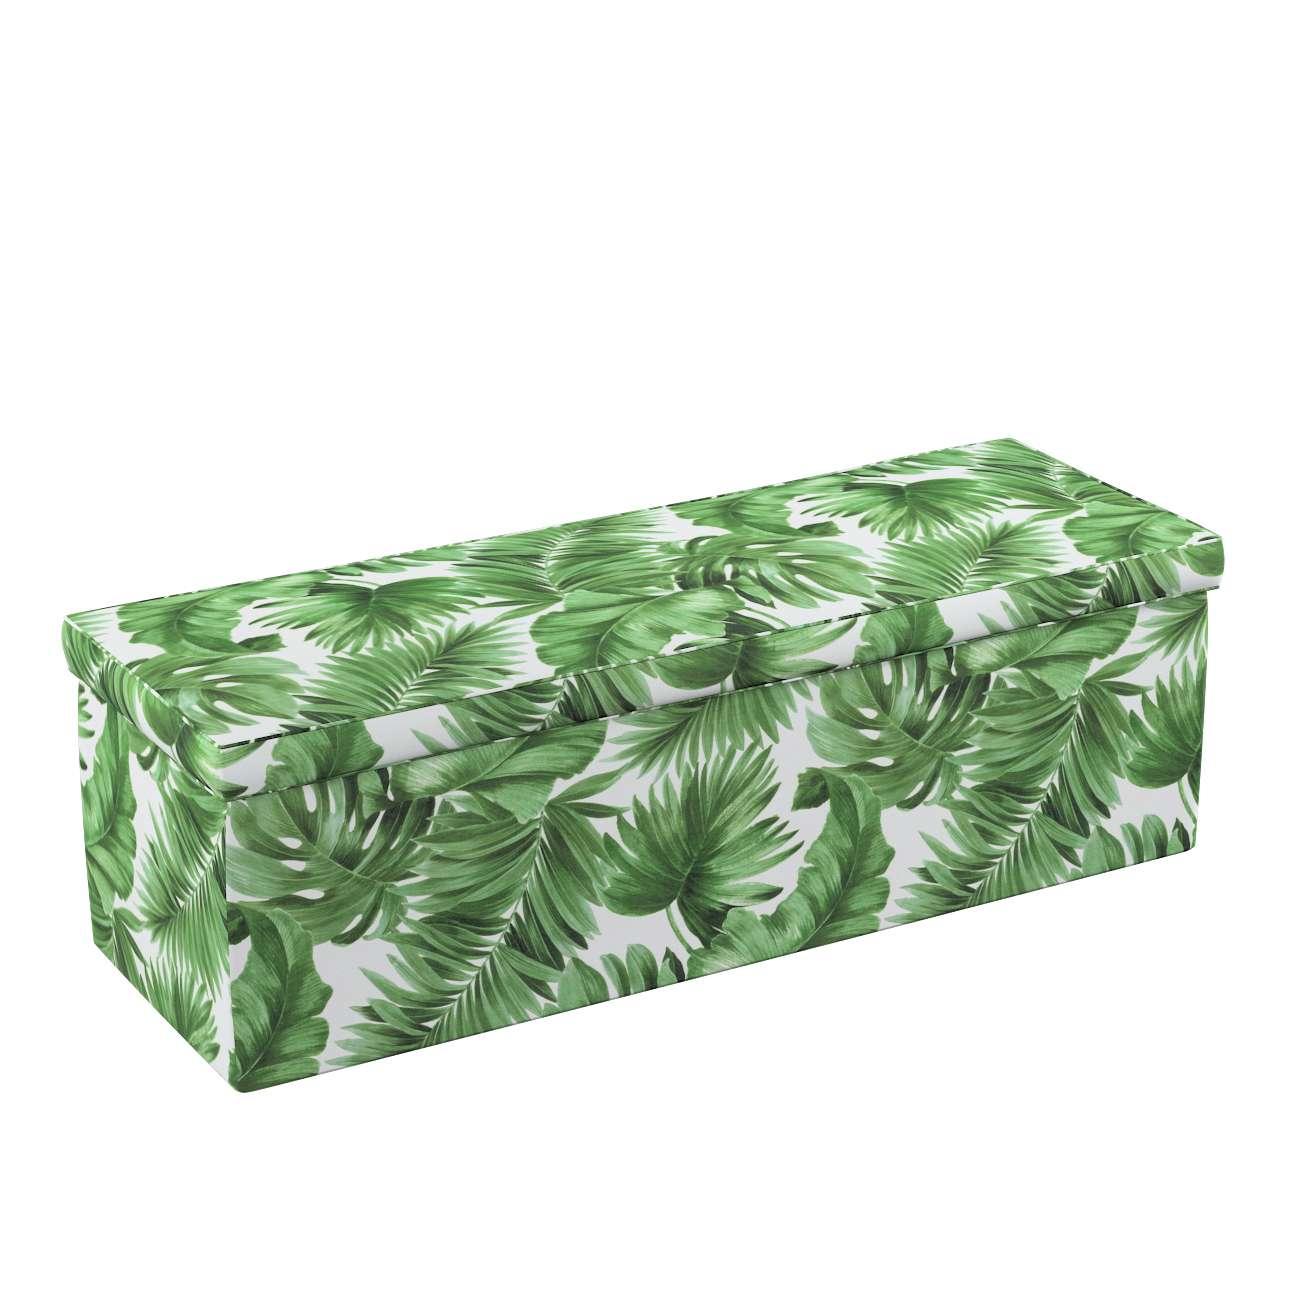 Čalouněná skříň s volbou látky - 2 velikosti v kolekci Tropical Island, látka: 141-71